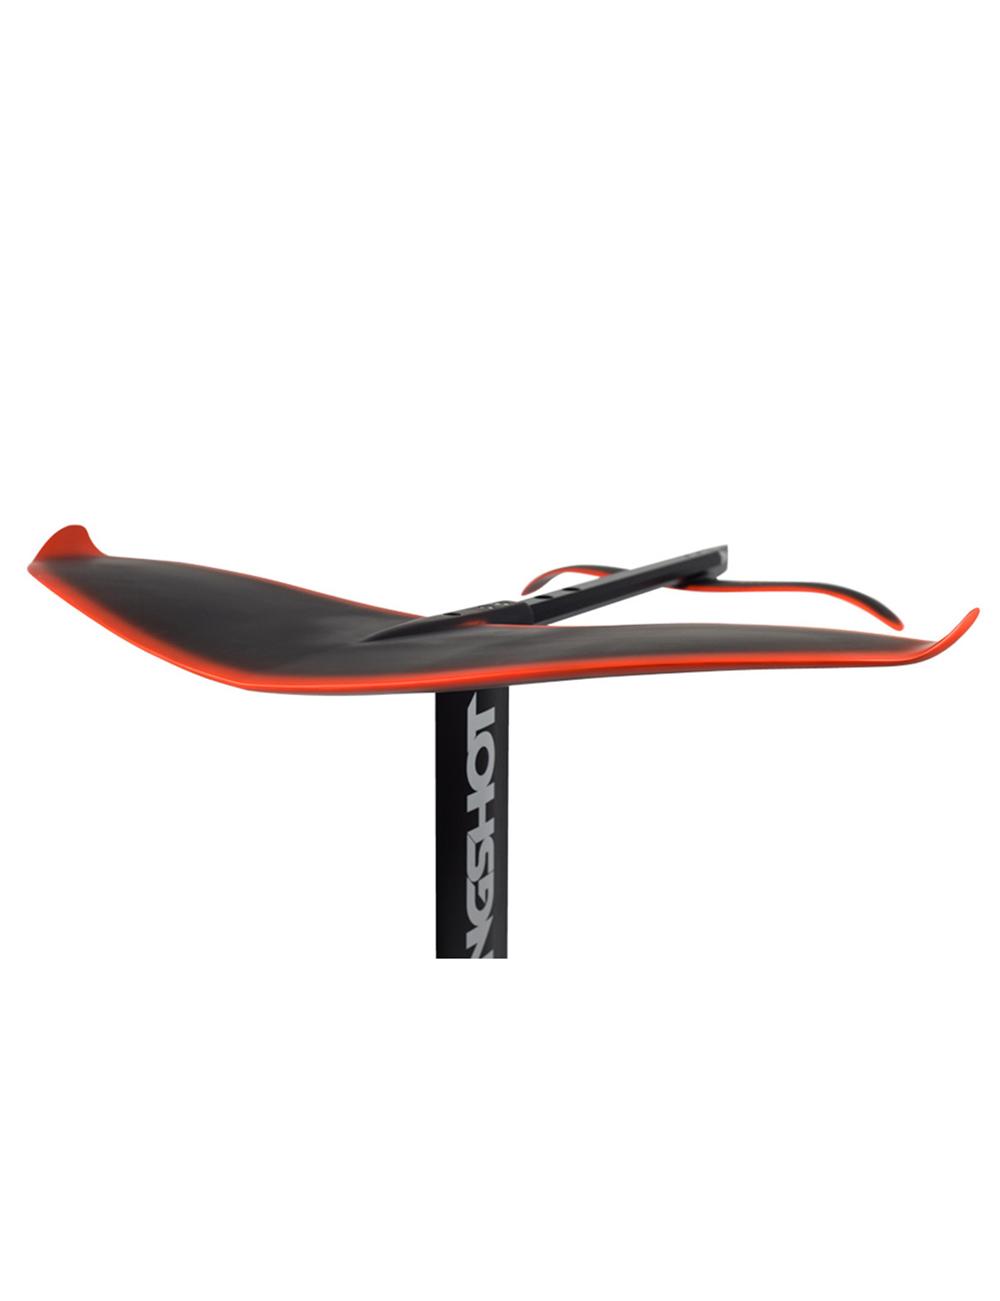 Slingshot Hover Glide FSurf V3002 - 2XS